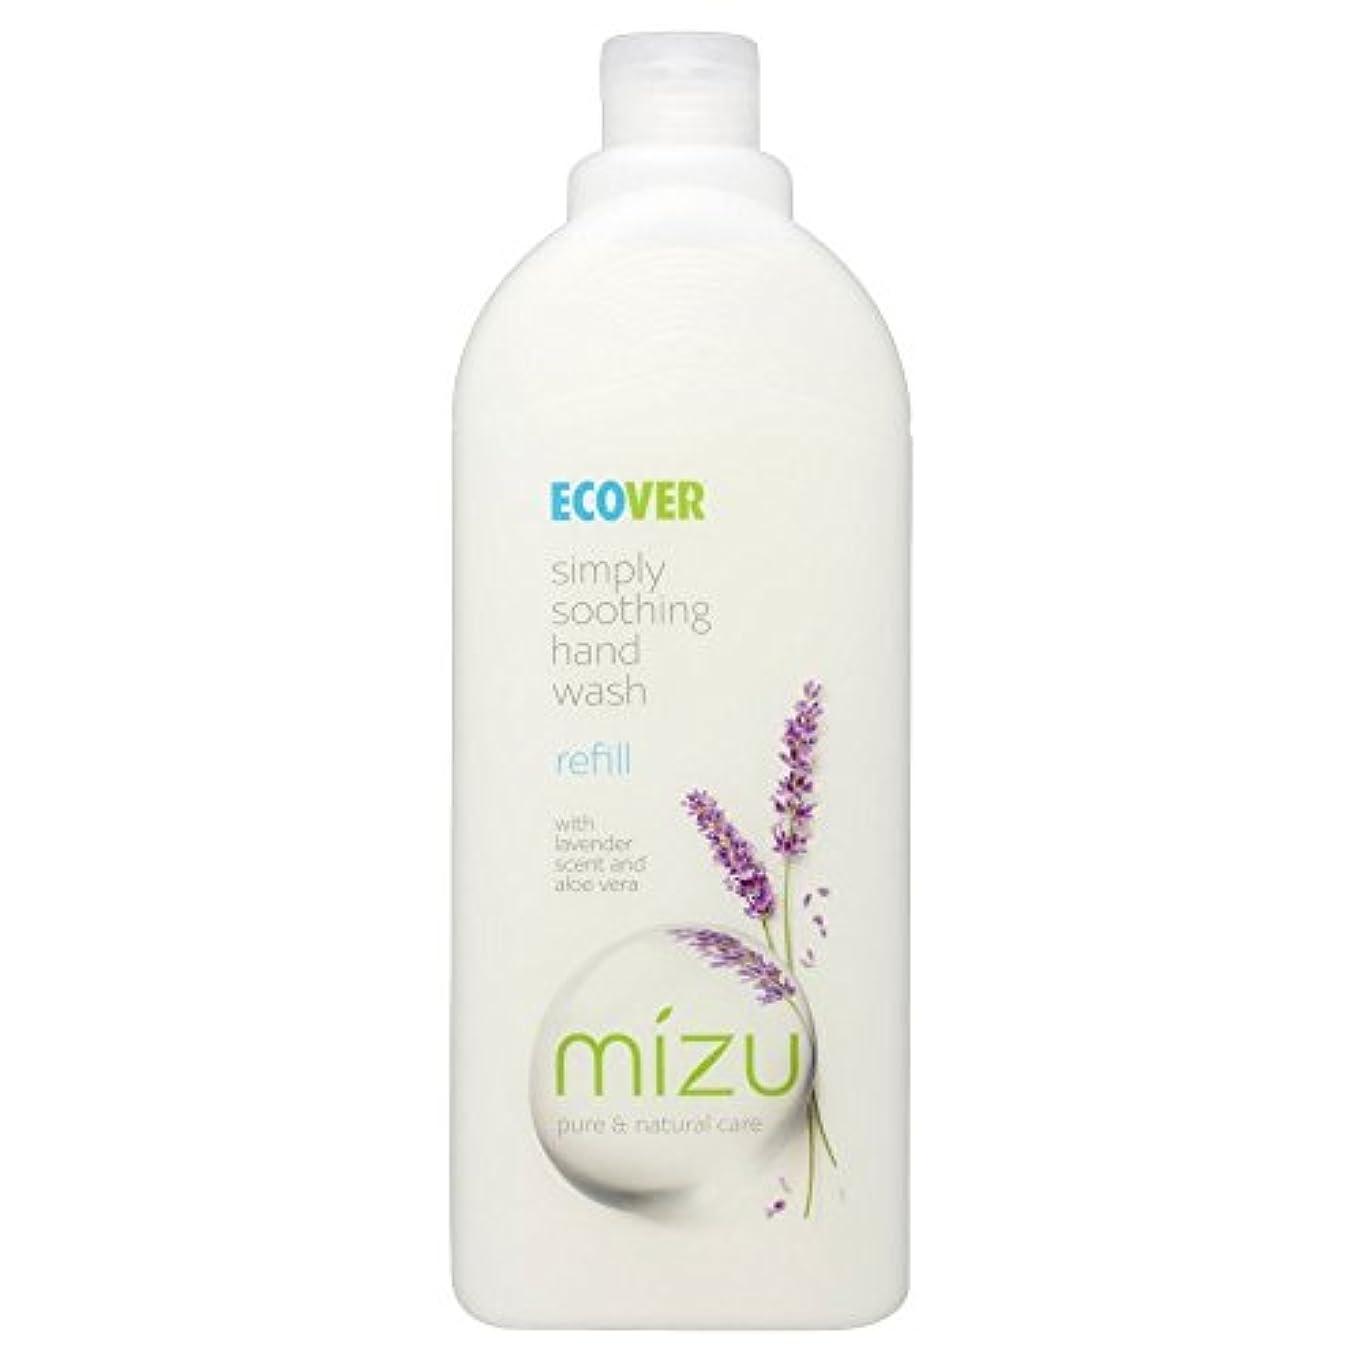 へこみ疑い者兄弟愛Ecover Liquid Hand Soap Lavender & Aloe Vera Refill (1L) エコベール液体ハンドソープラベンダーとアロエベラリフィル??( 1リットル) [並行輸入品]